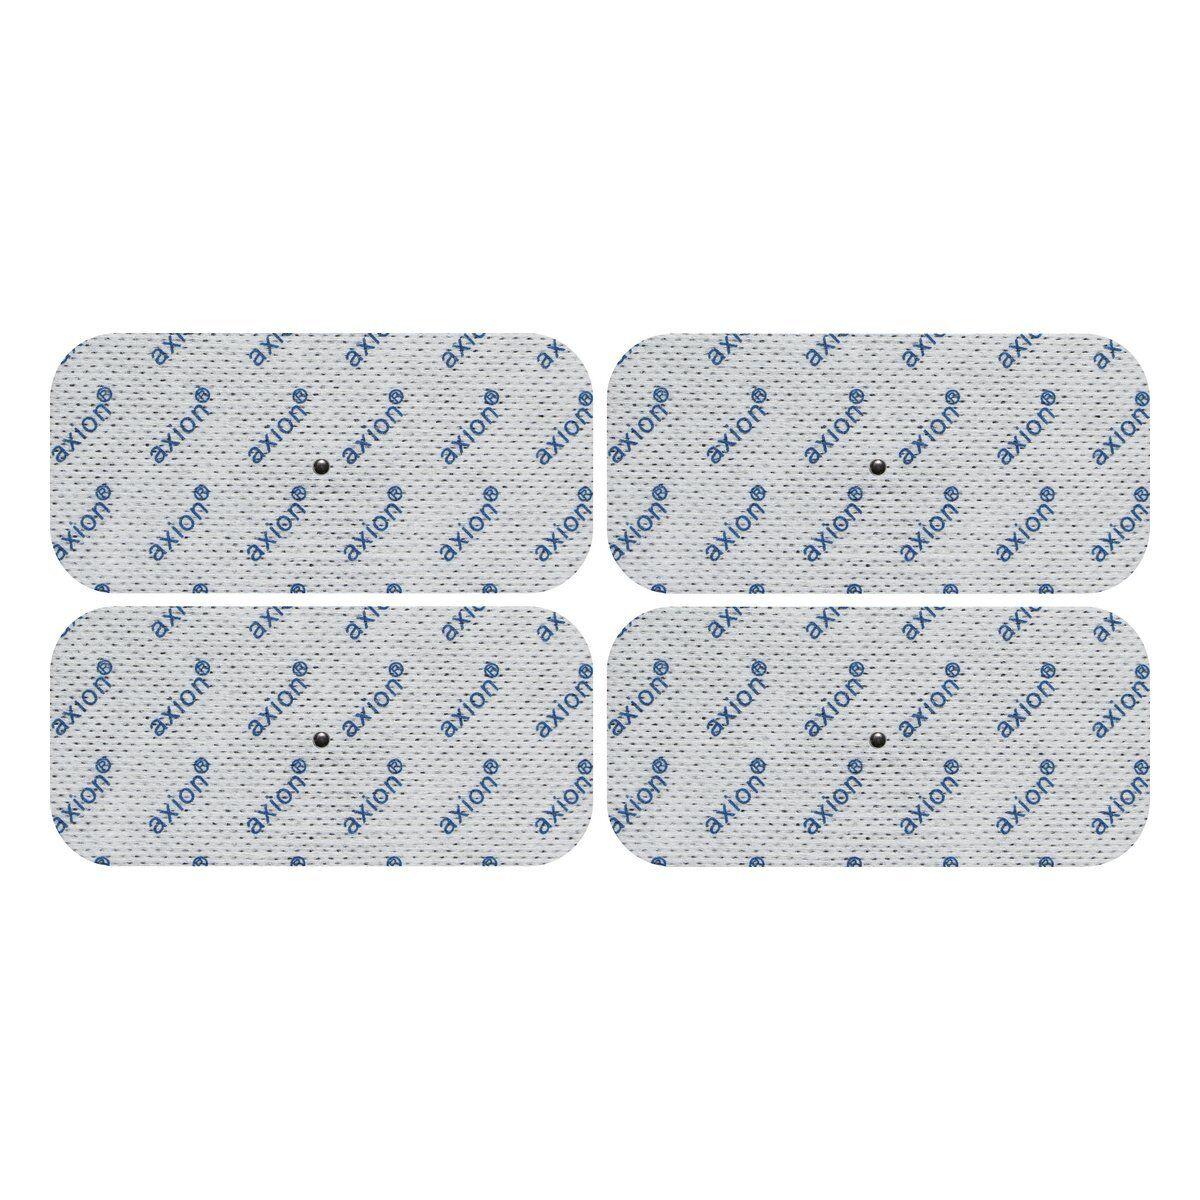 4xTENS DRUCKKNOPF Elektroden Pads 10x5cm passend zu tens Gerät HESTIA RELAX 1000